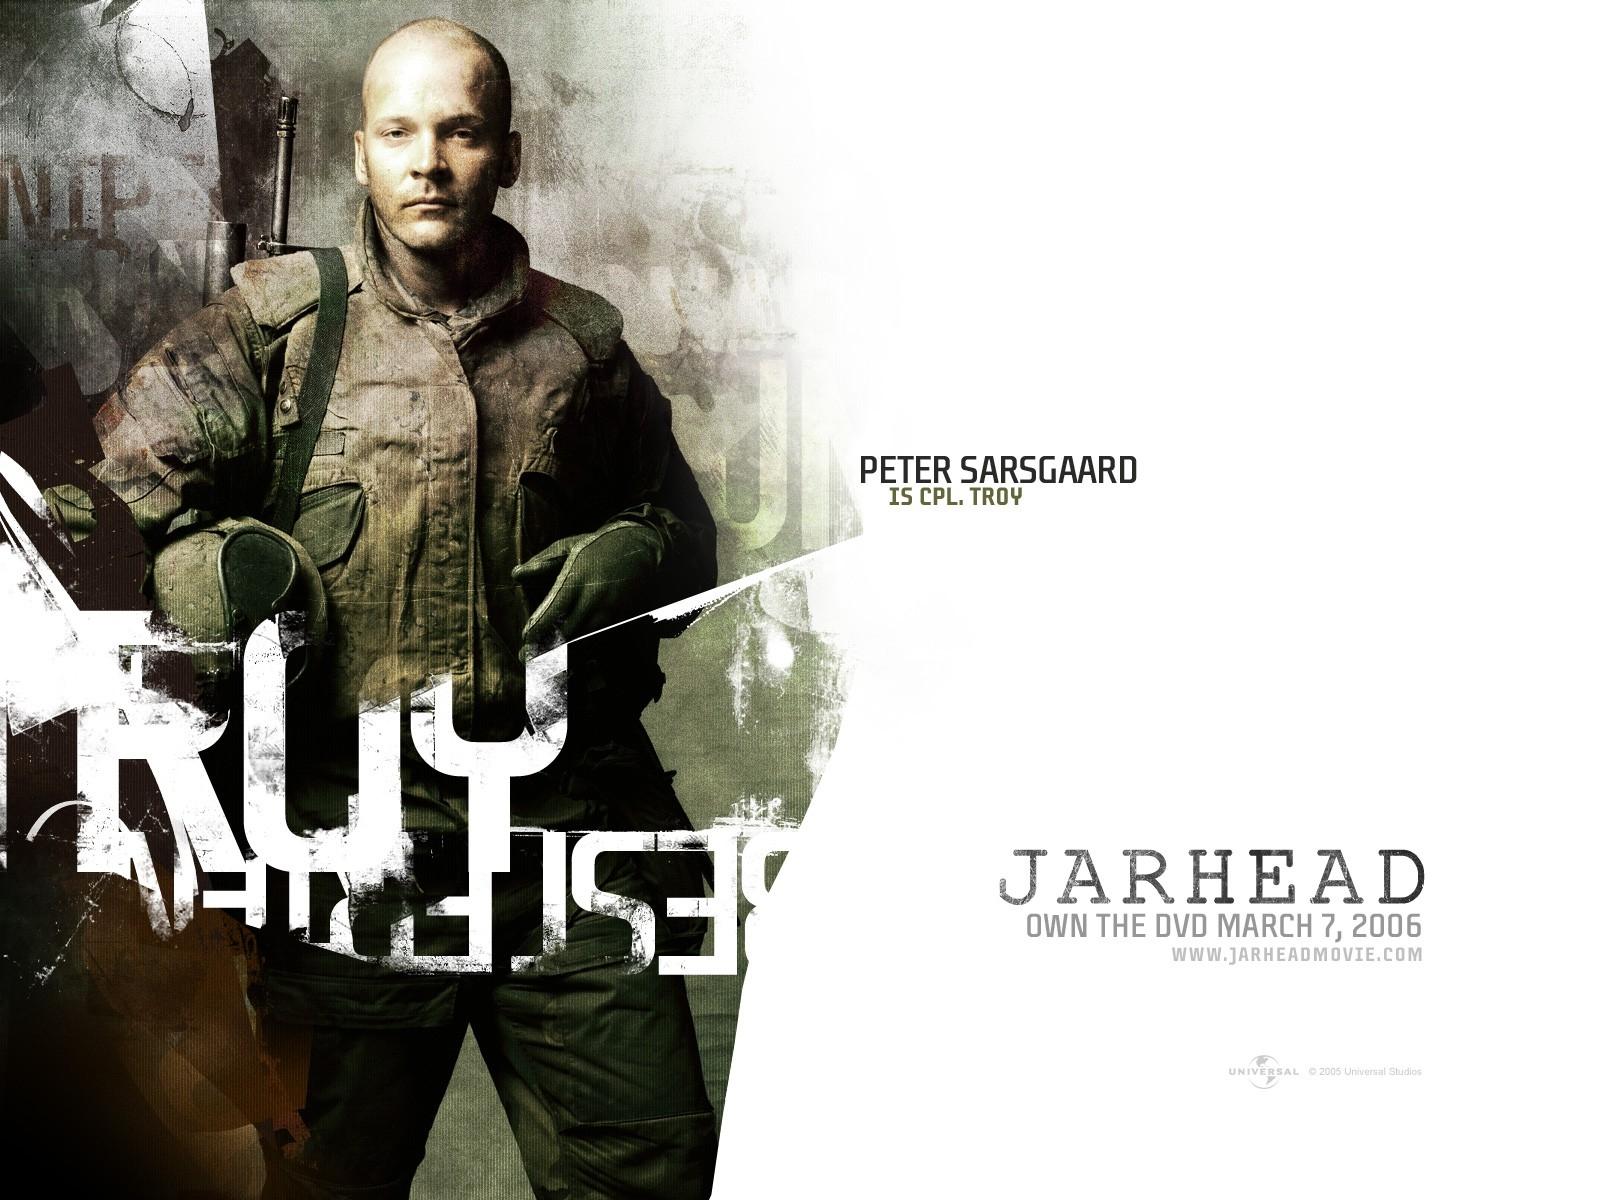 Wallpaper del film Jarhead